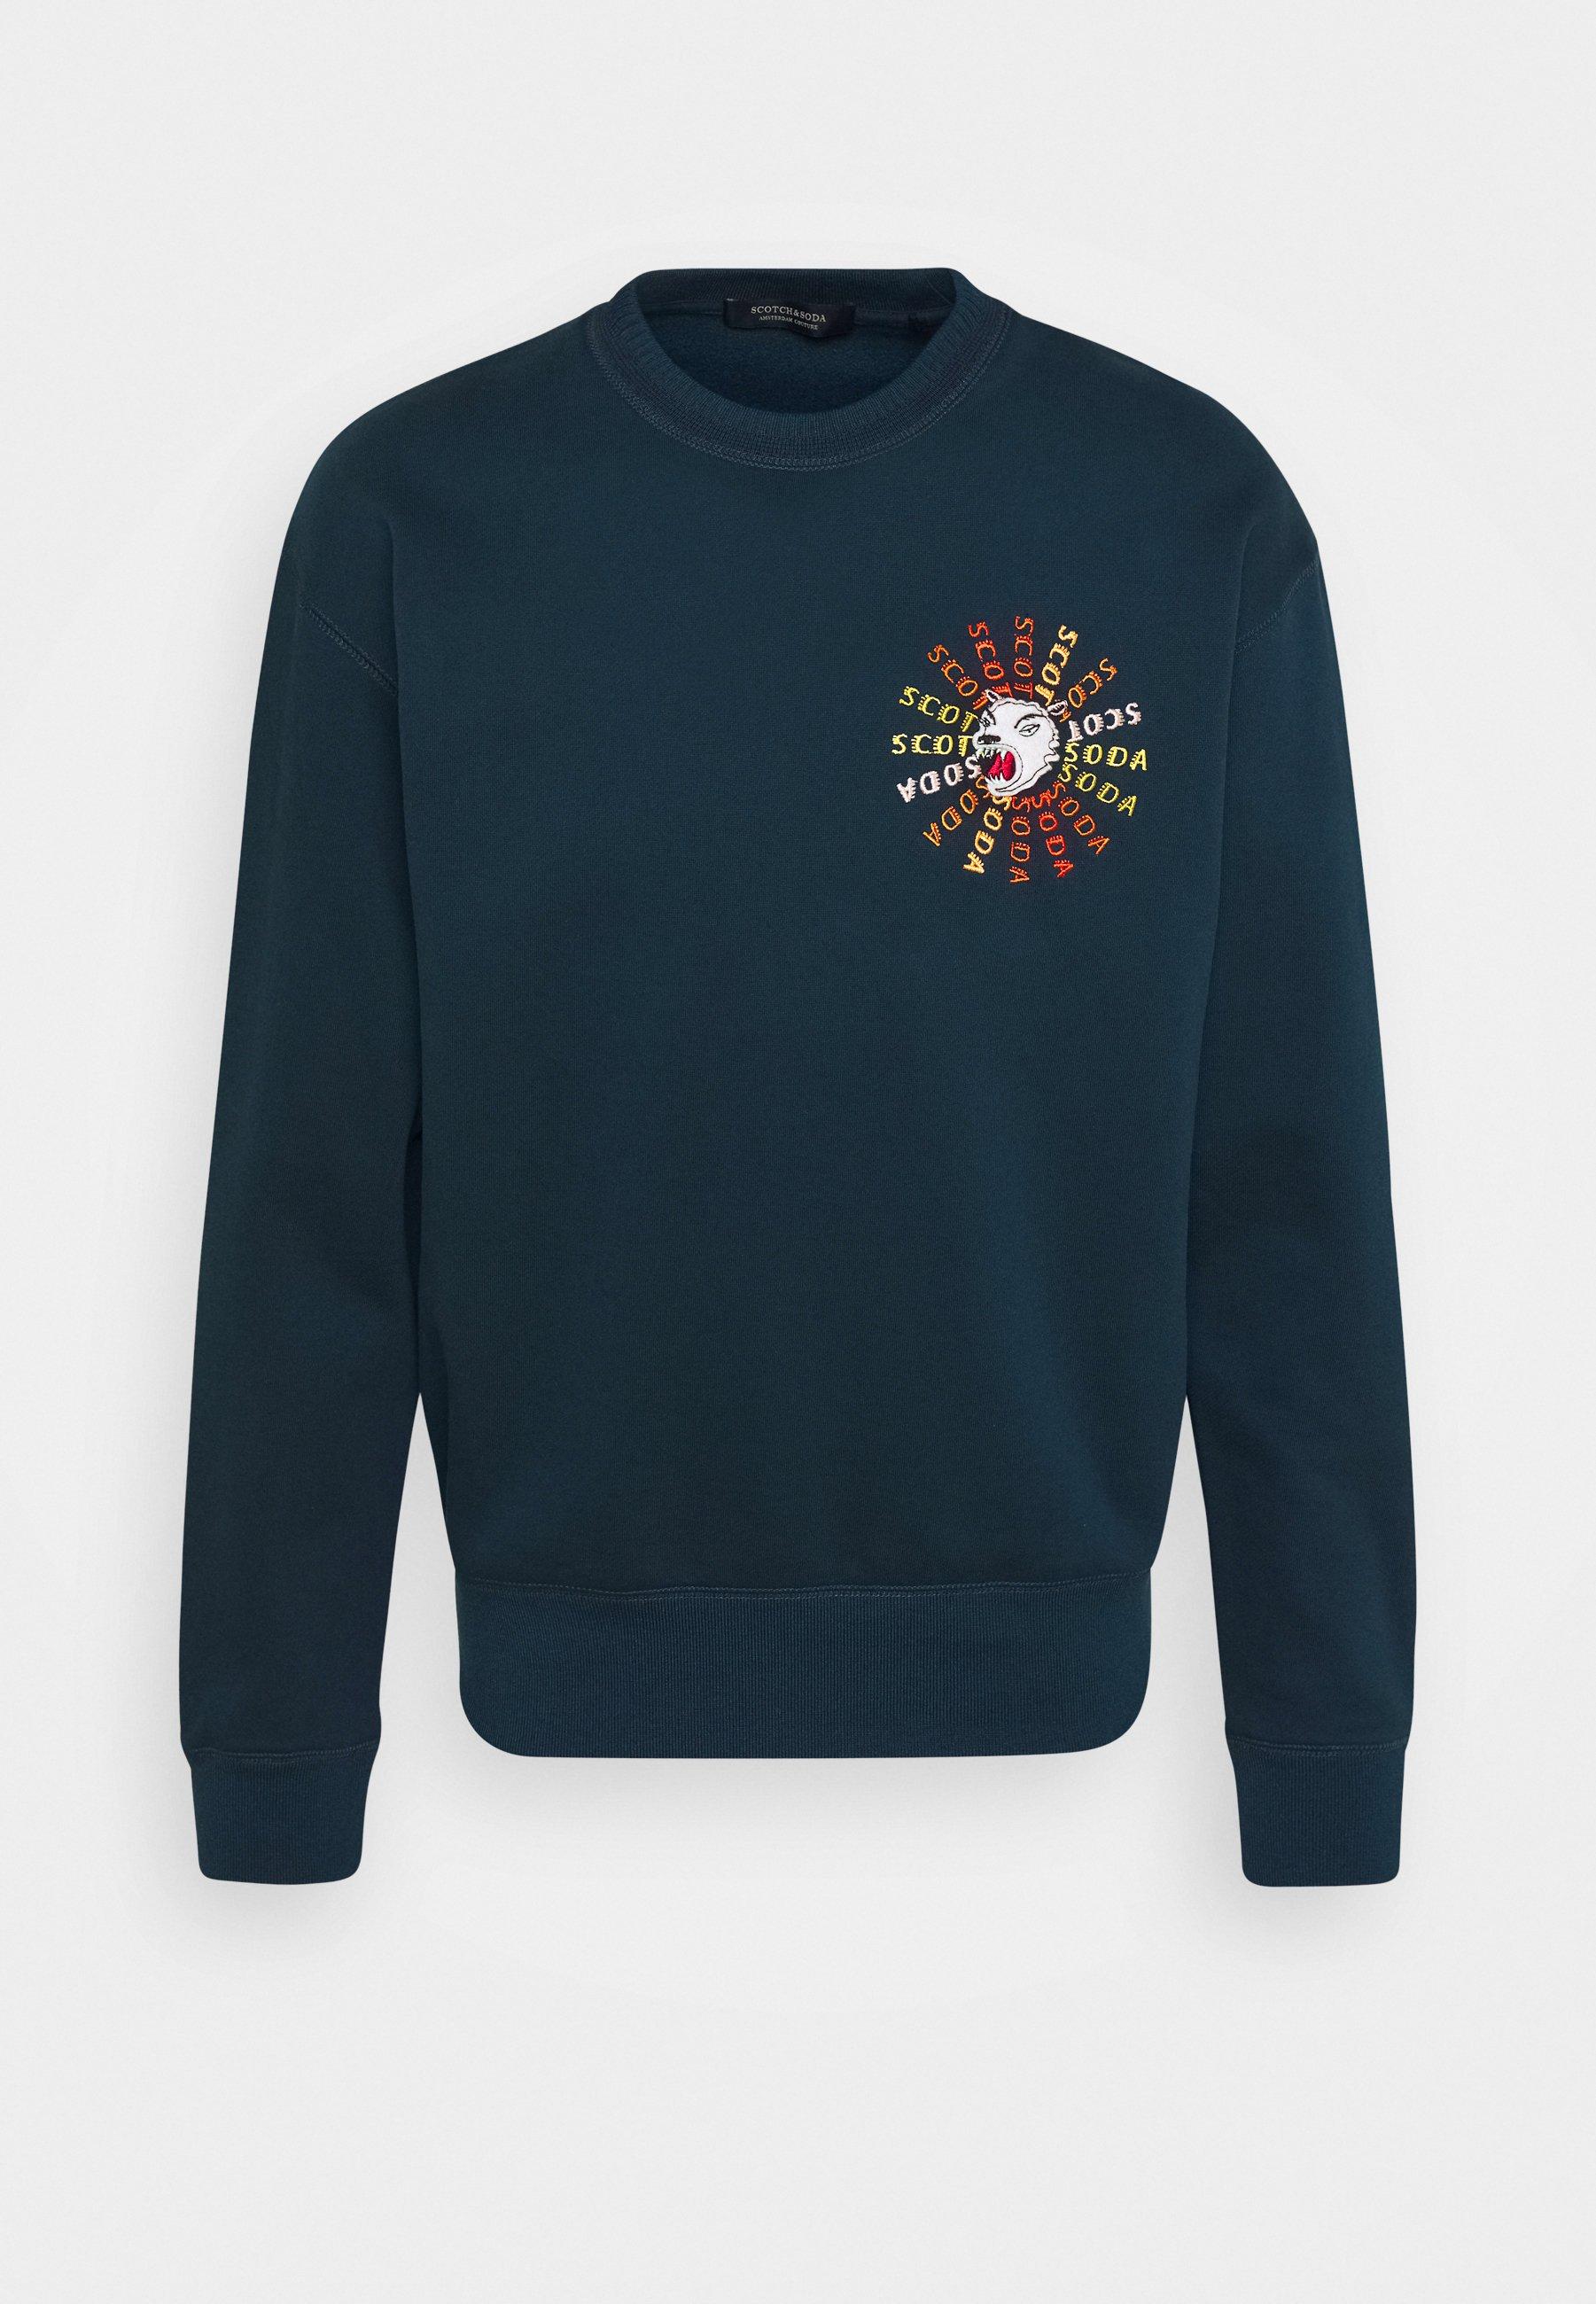 Men CREWNECK  WITH ARTWORK IN MIXED TECHNIQUES - Sweatshirt